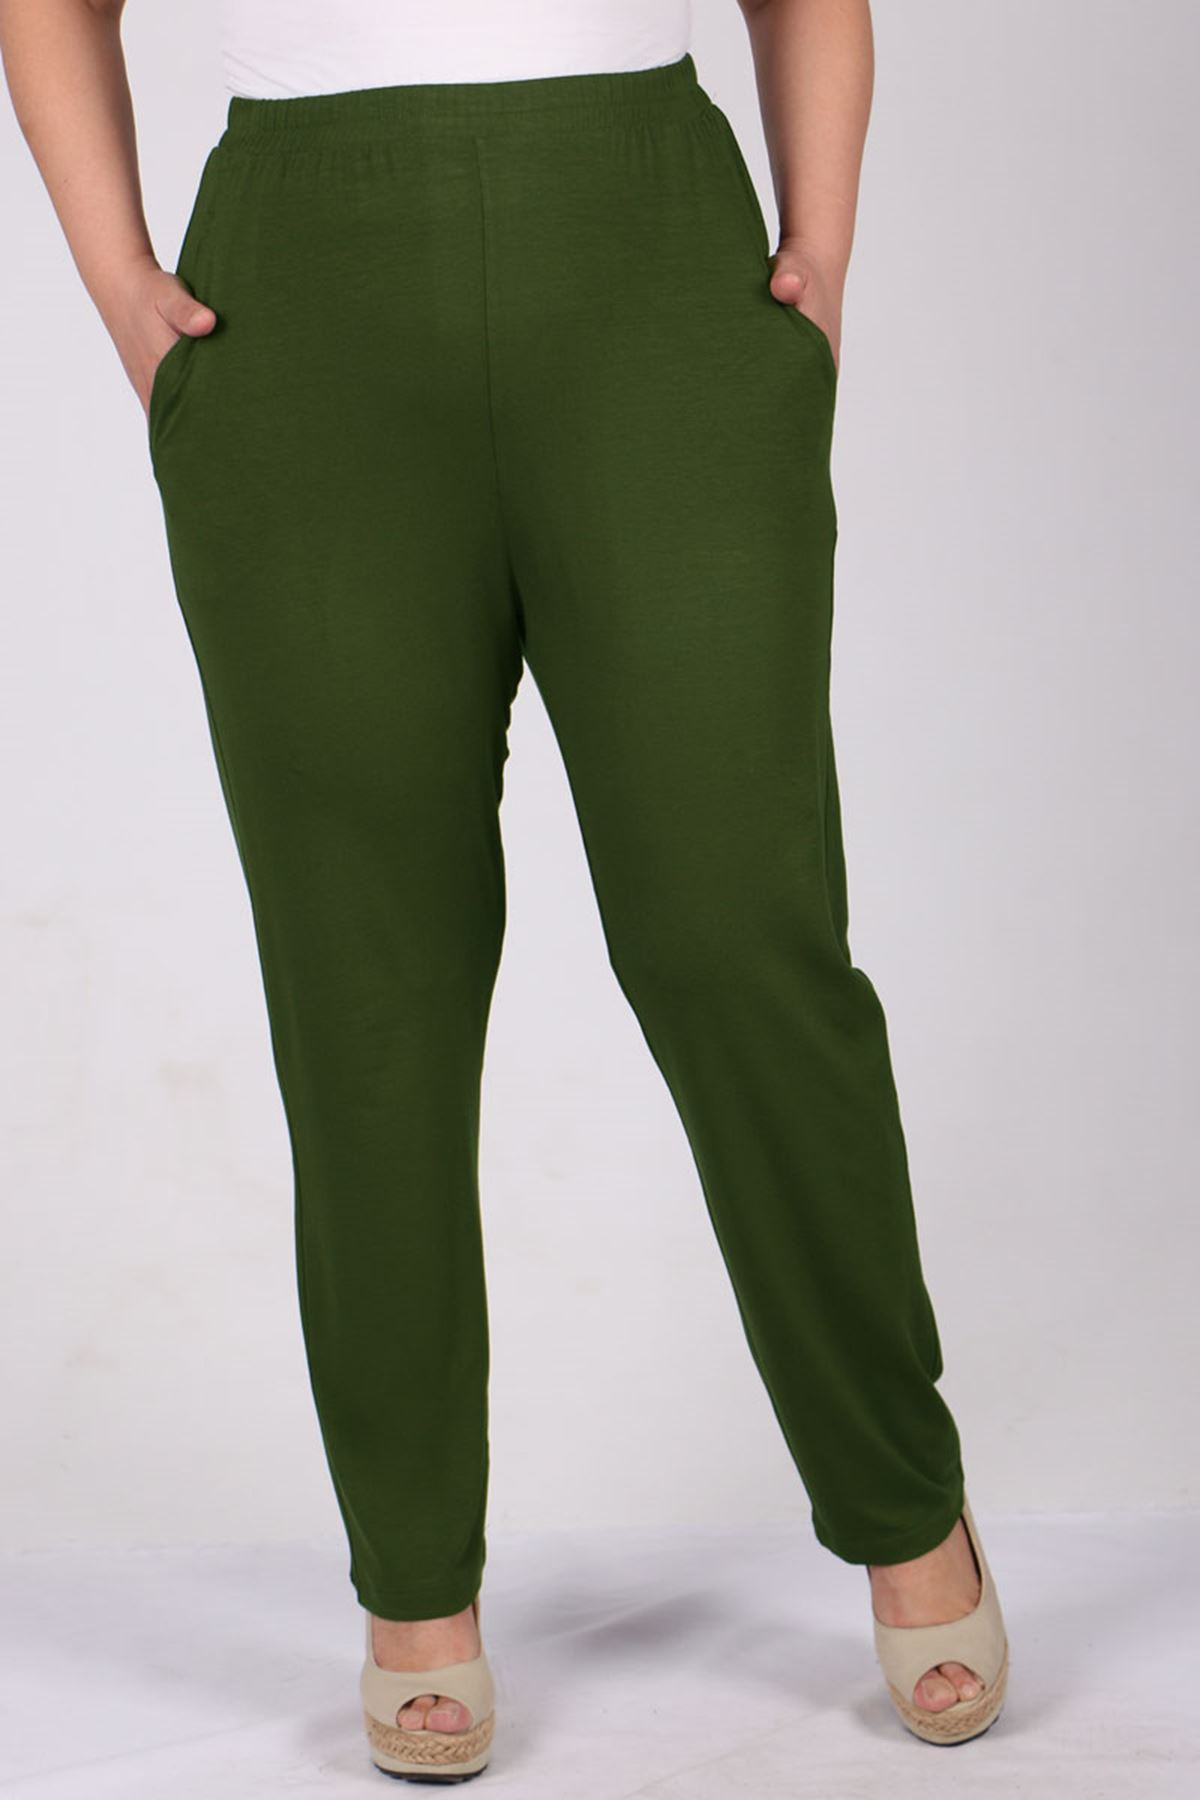 9160 Plus Size High Waist Elastic Pants - Khaki